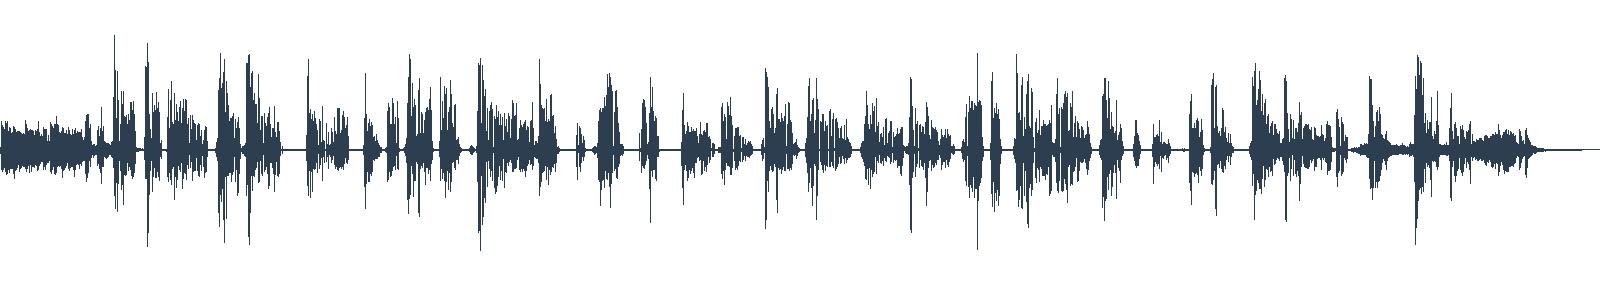 Záhada na zámku Styles (ukázka z audioknihy) waveform